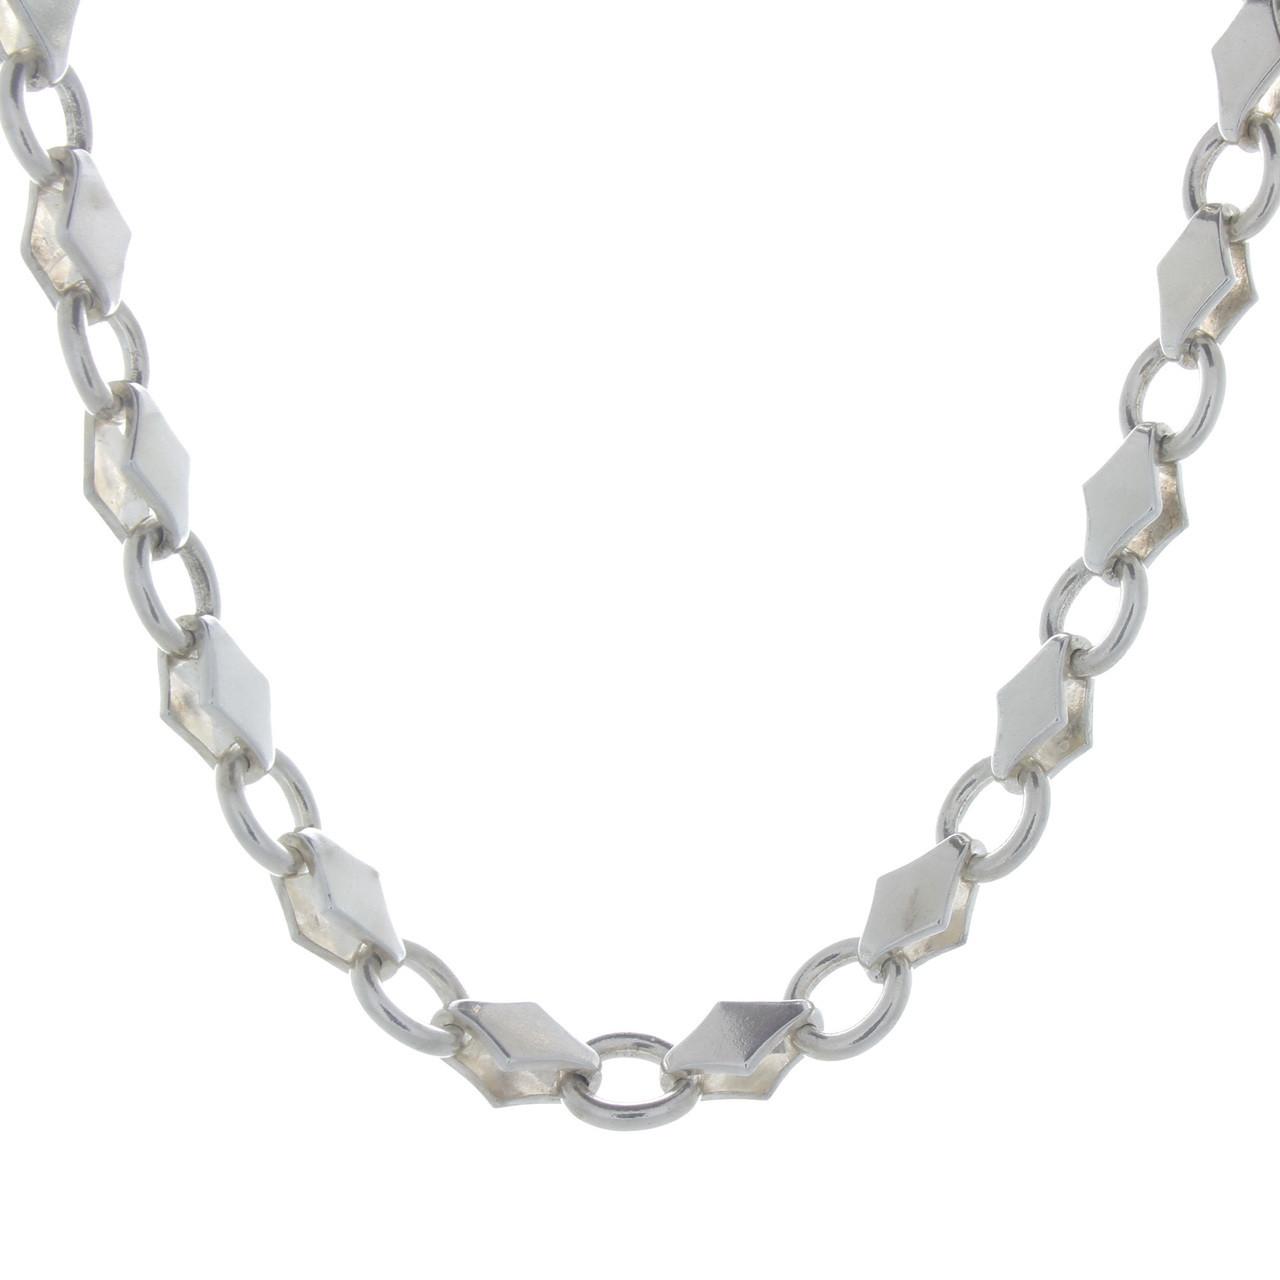 Vintage 925 Sterling Biker Diamond Link Necklace Heavy Link 19